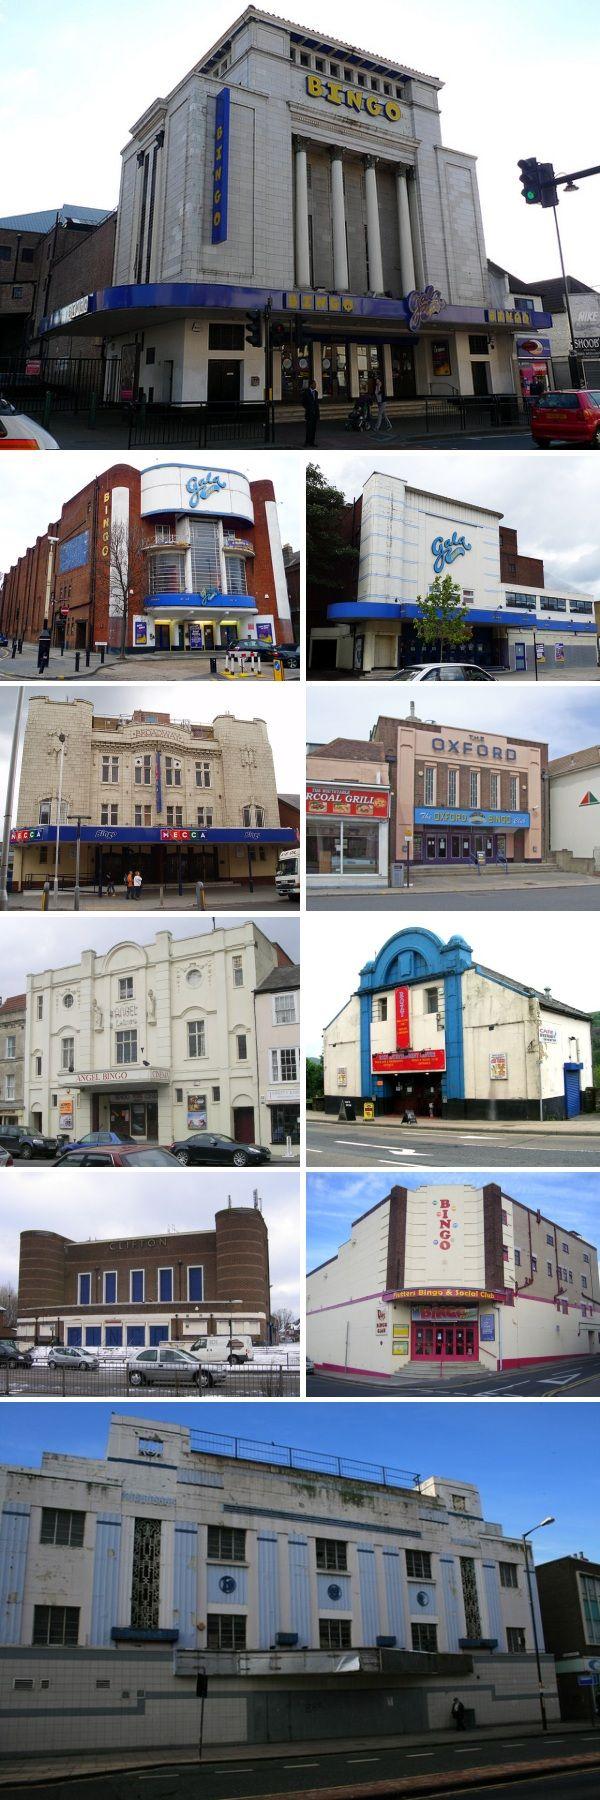 167 best images about british cinemas bingo halls on. Black Bedroom Furniture Sets. Home Design Ideas